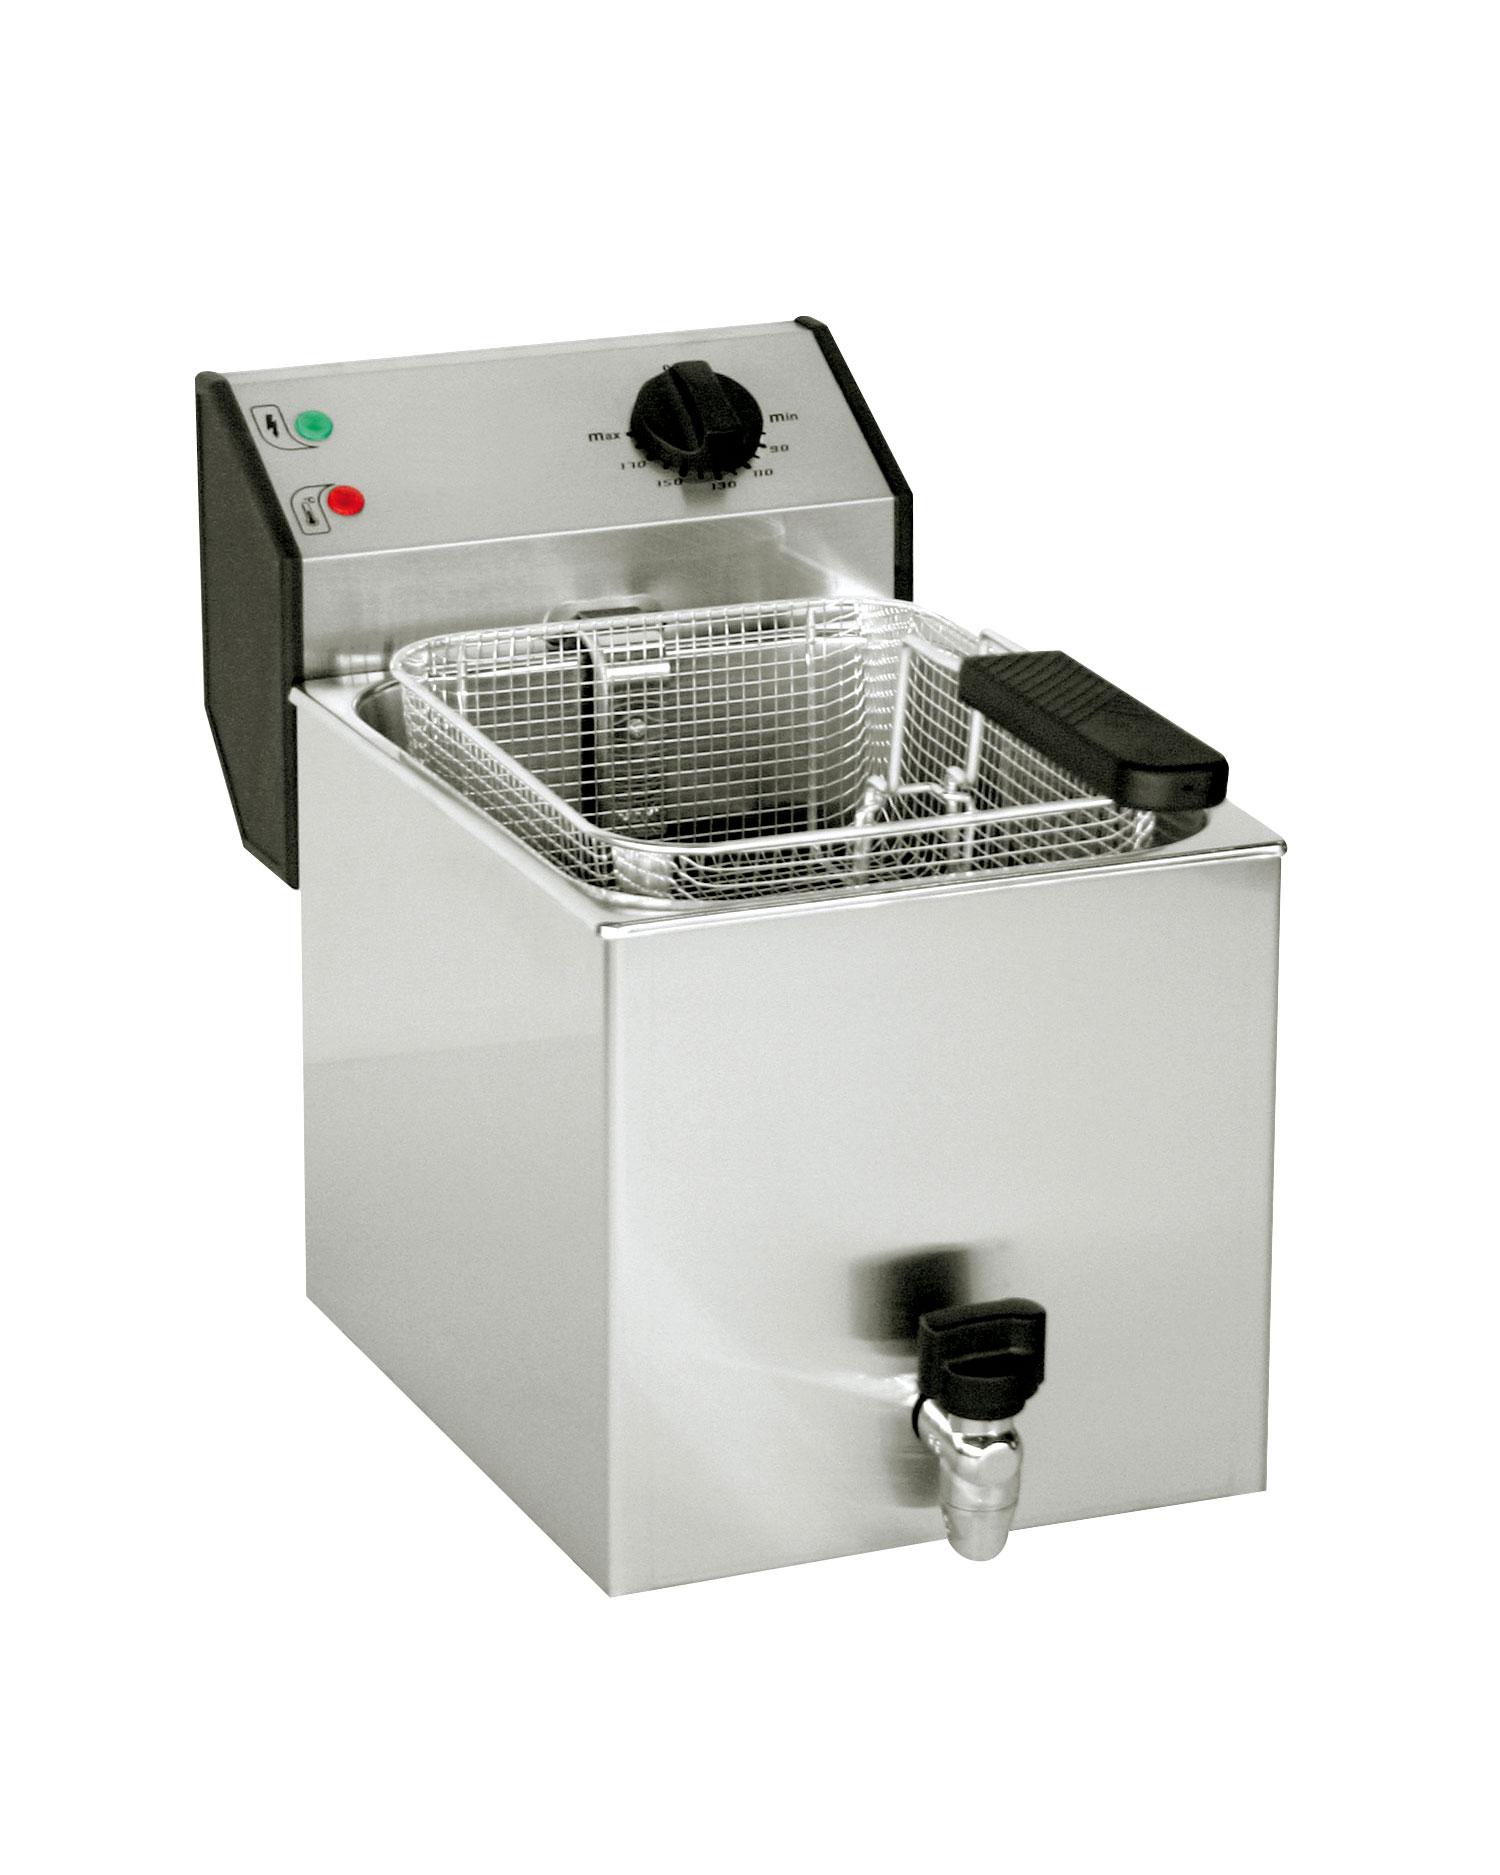 Friteuse 8l avec robinet de vidange friteuses frifri roller grill frifri roller grill - Friteuse sans huile professionnelle roller grill ...